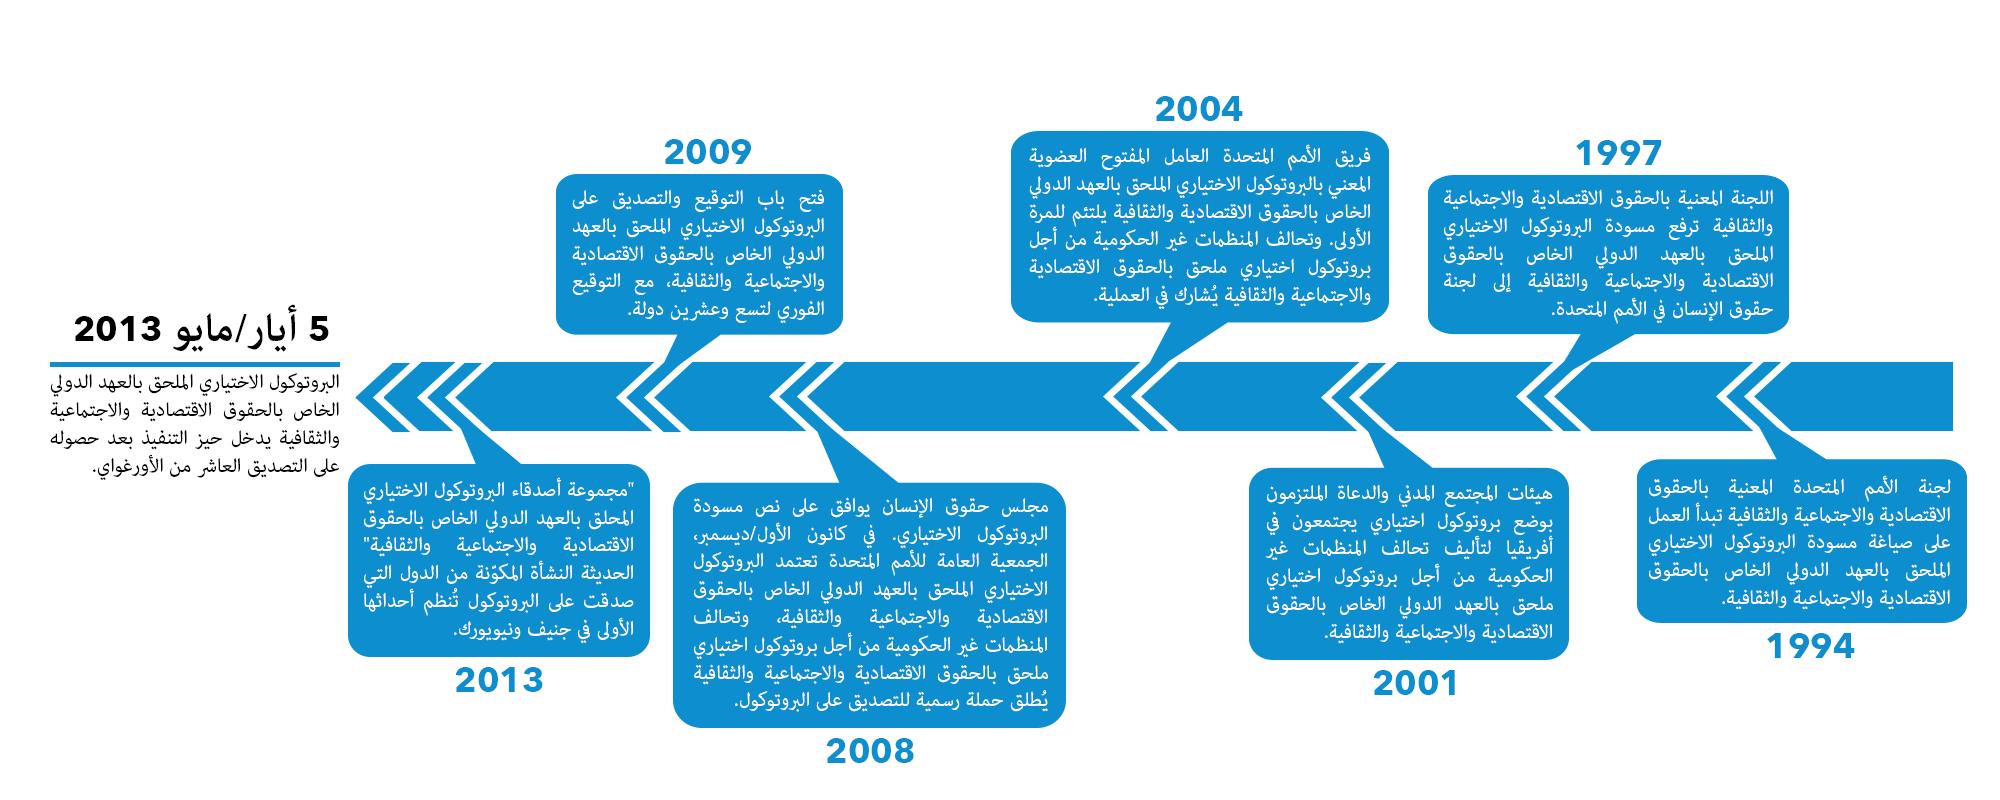 OP Timeline Arabic